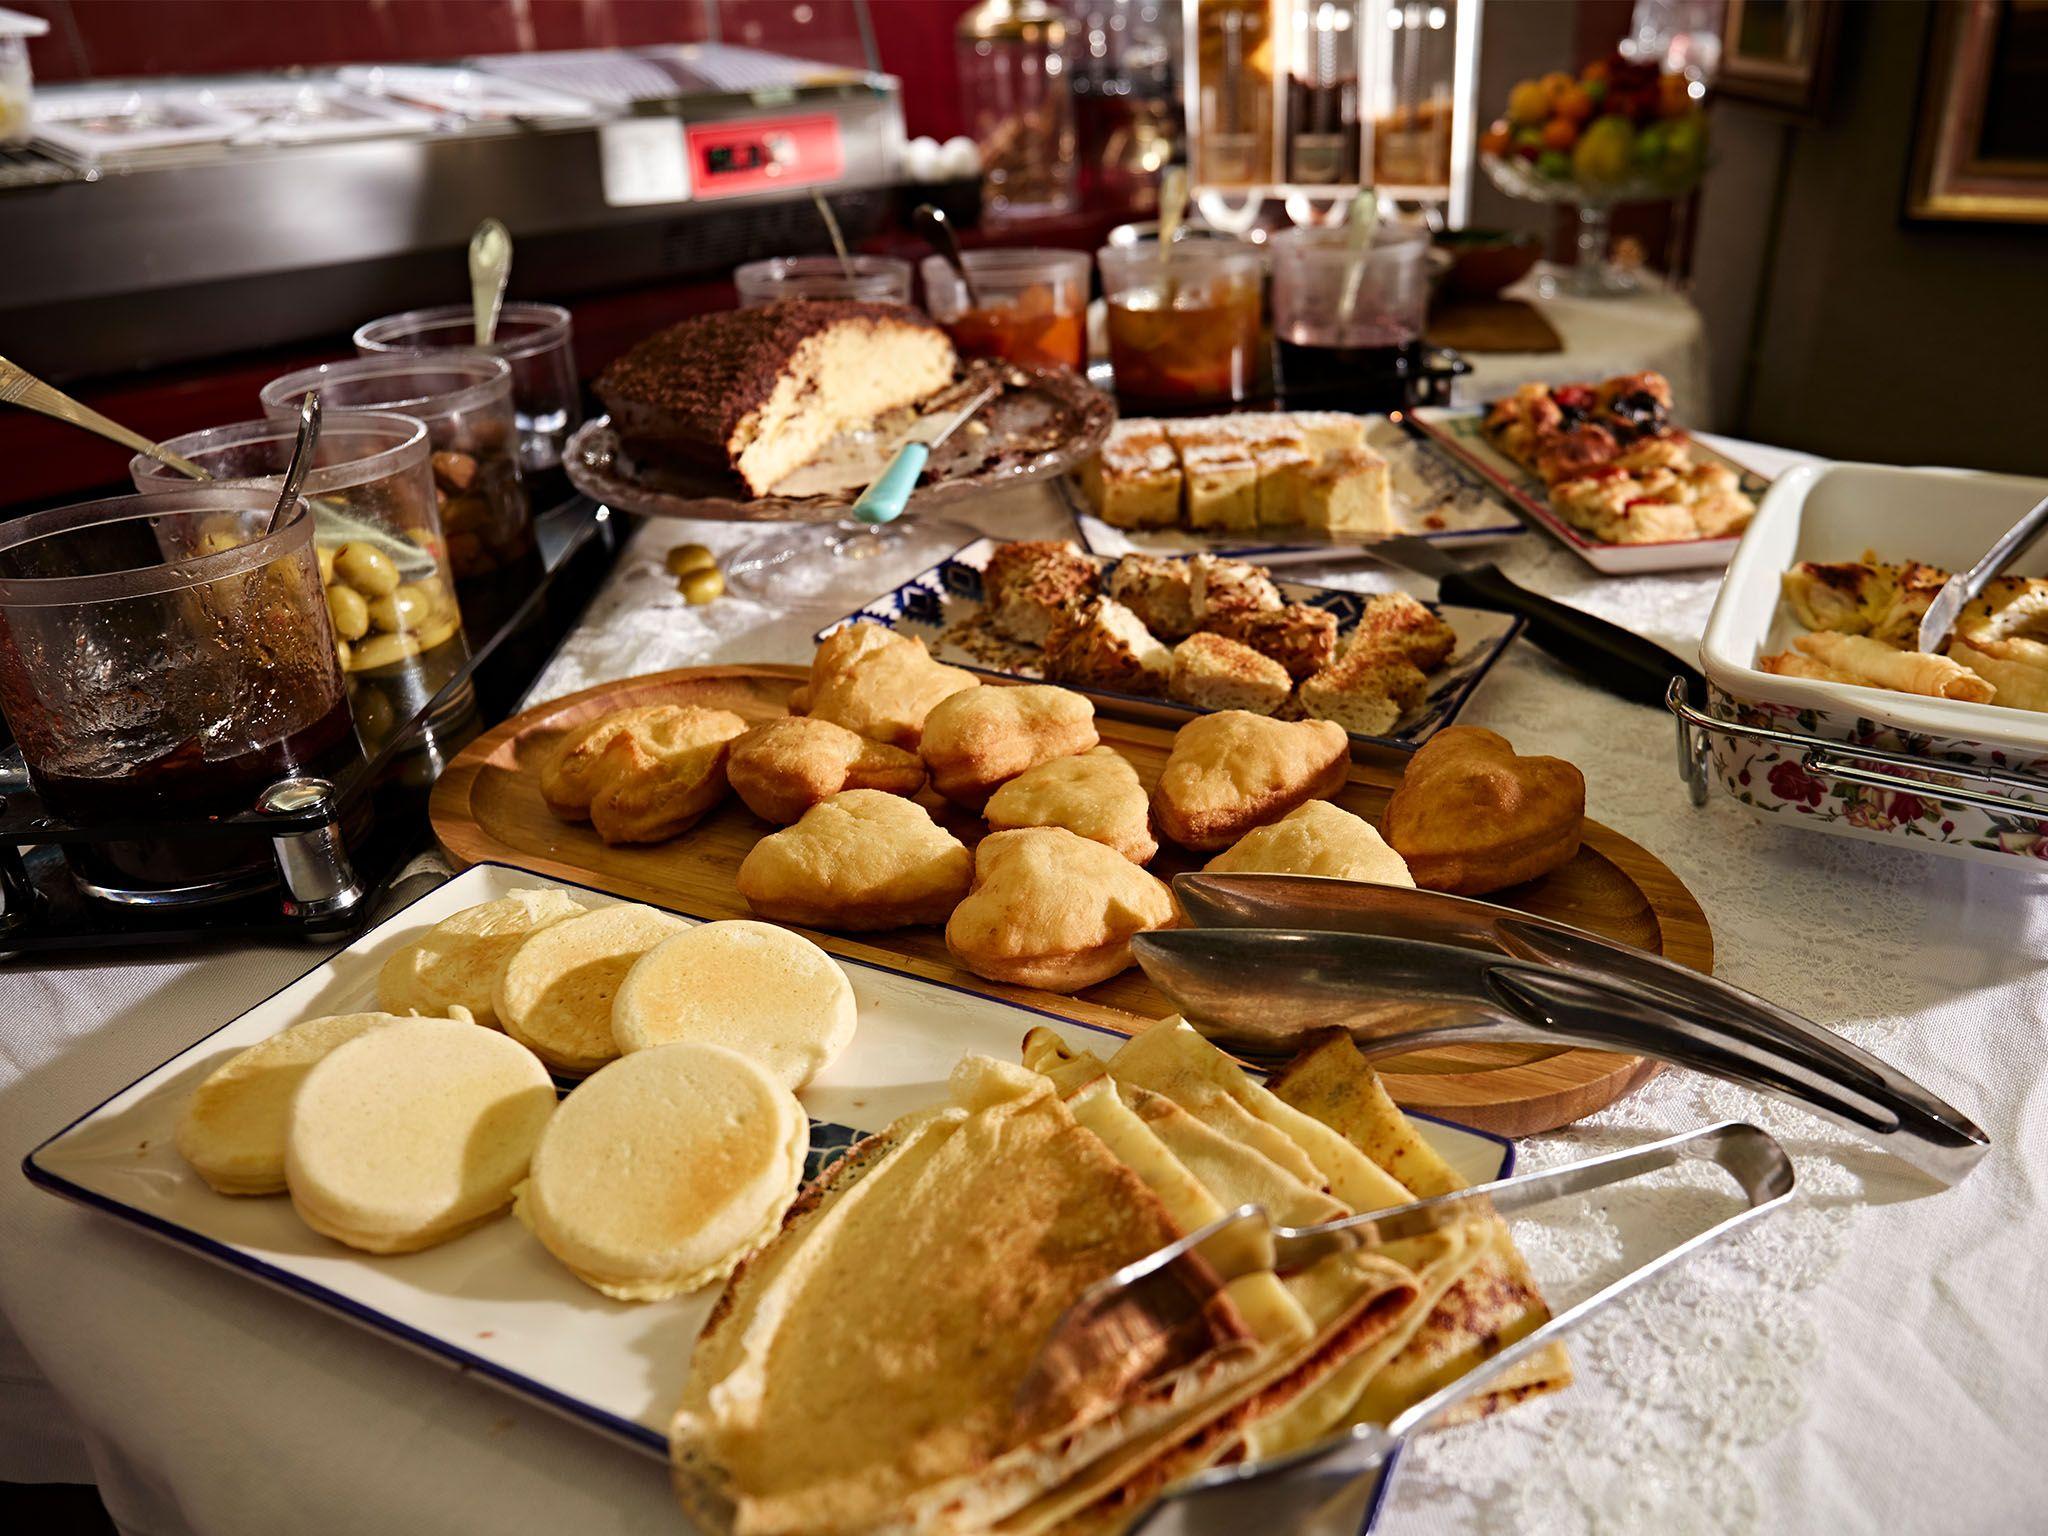 istanbul kahvaltı, istanbul brunch, cihangir kahvaltı